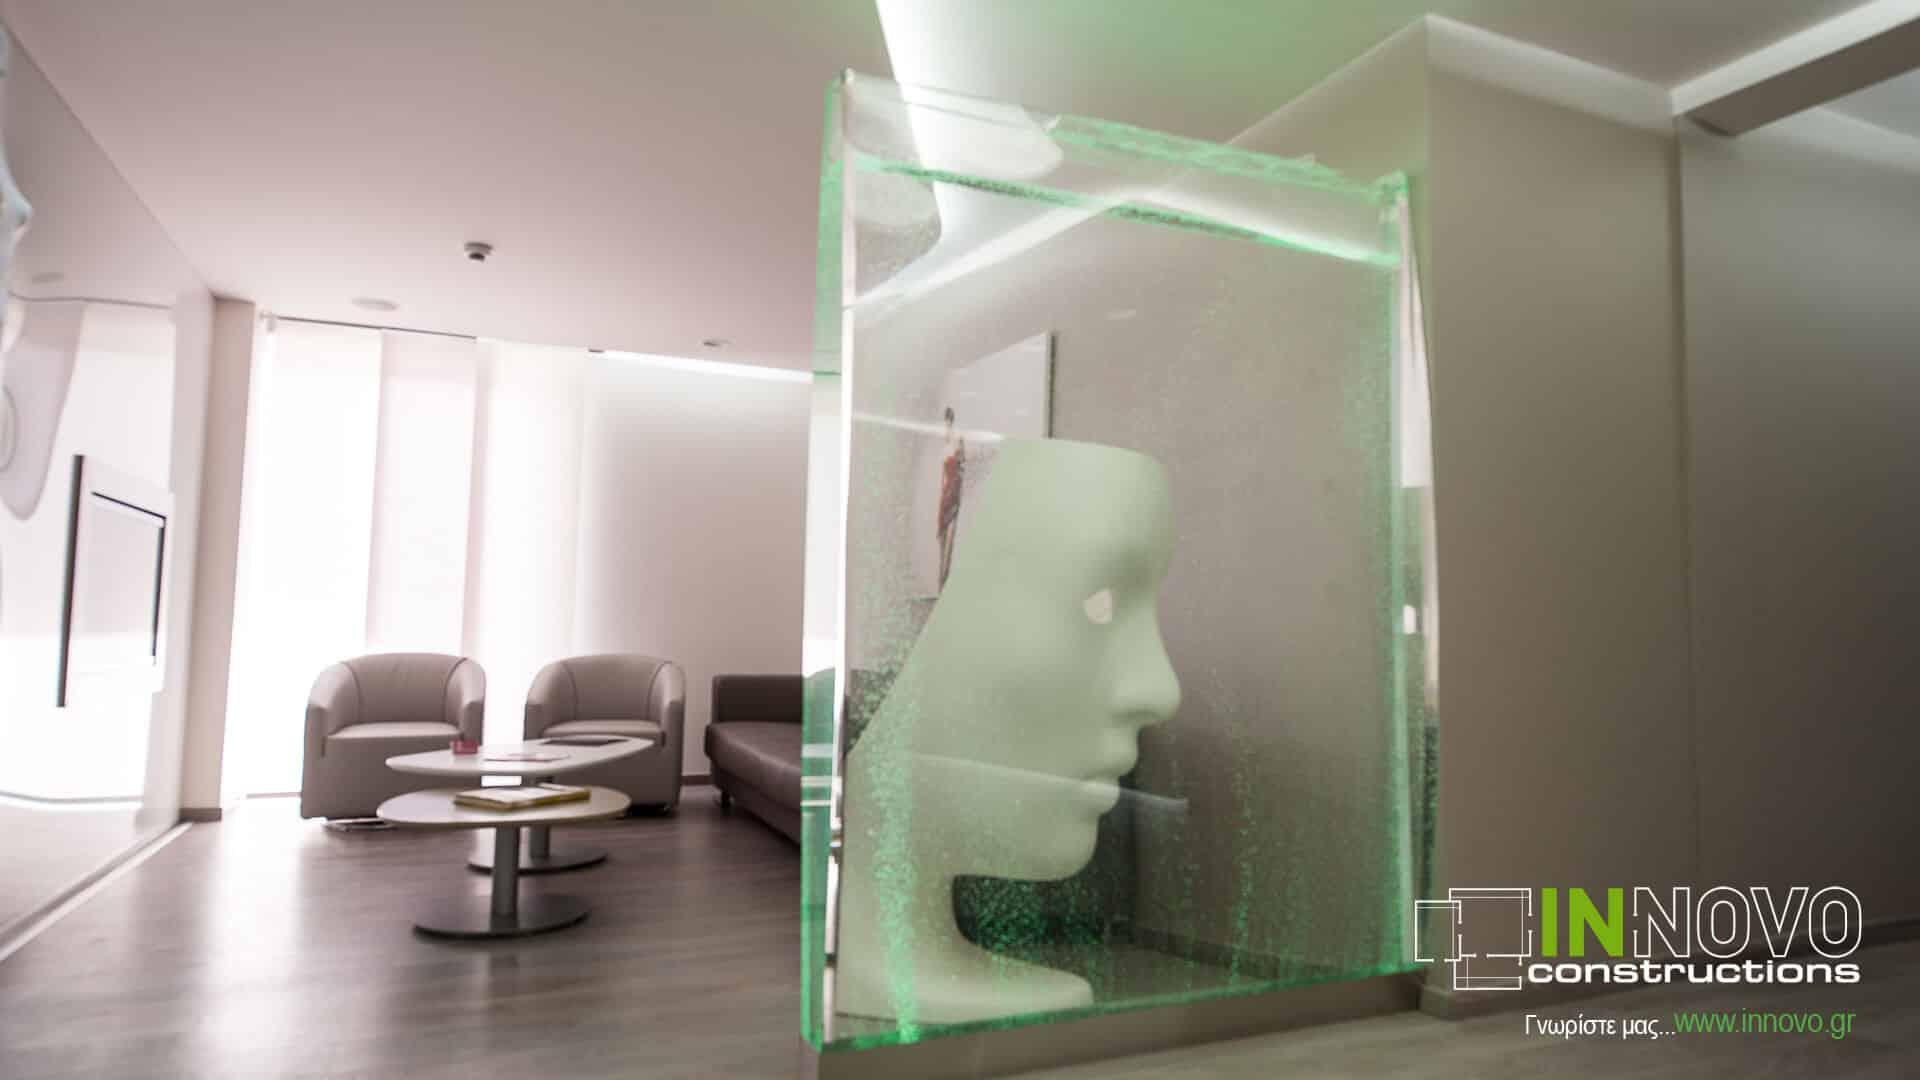 Μελέτη Ιατρείου Πλαστικής Χειρουργικής στην Τρίπολη